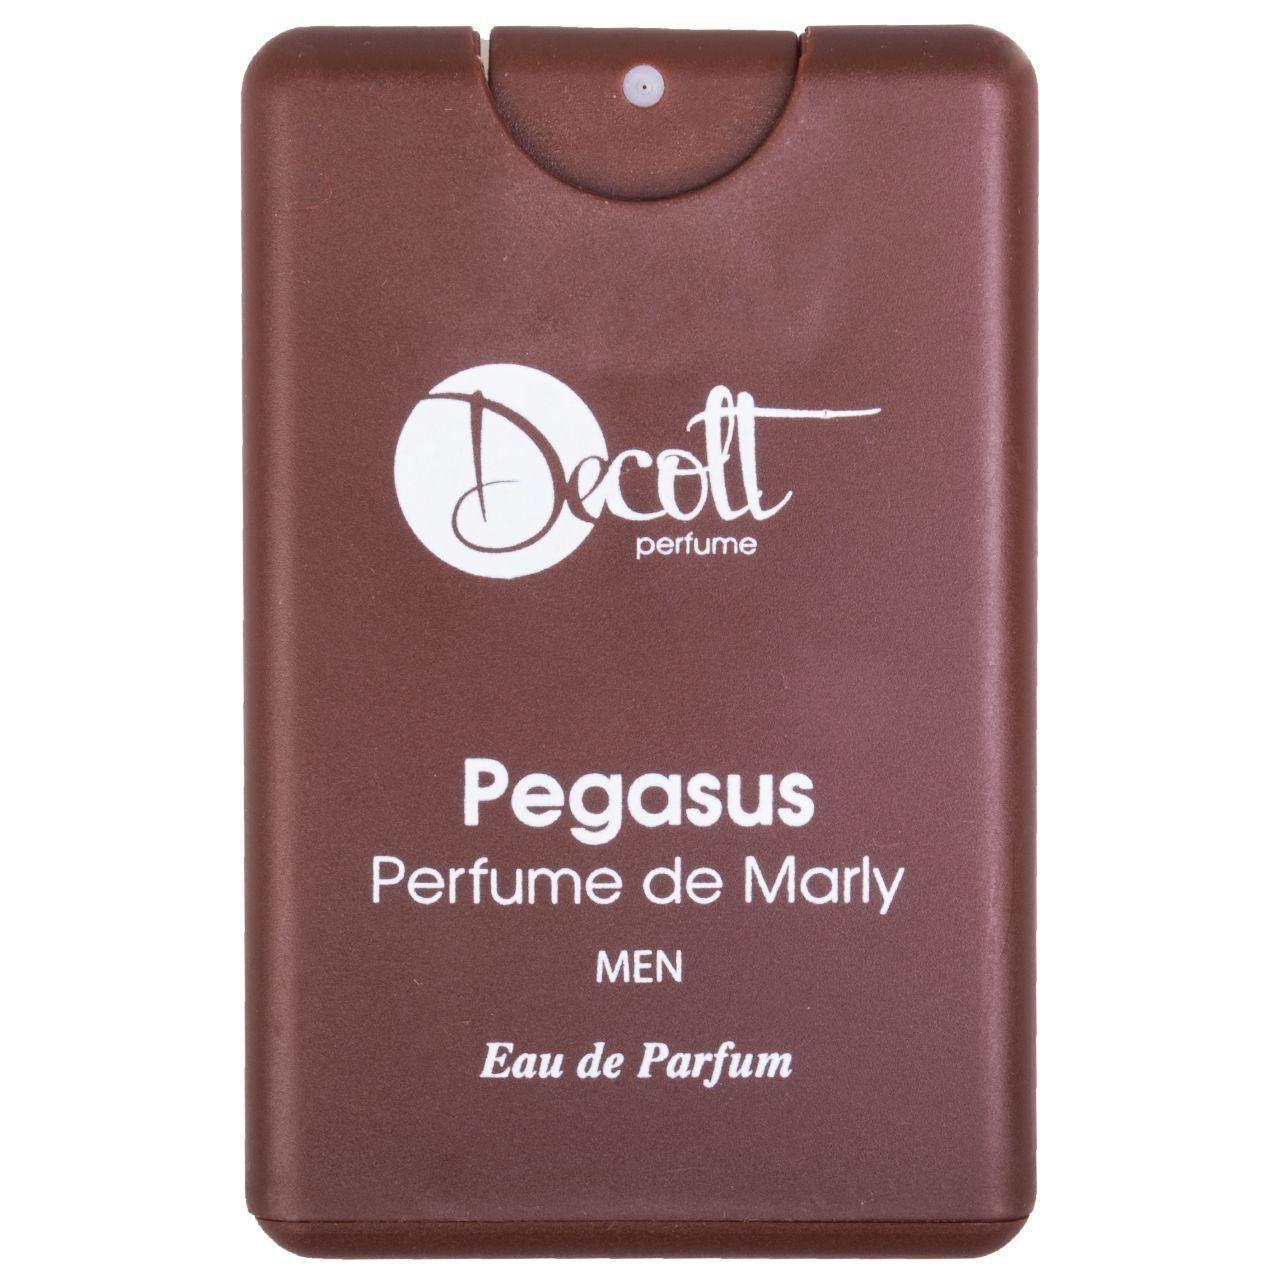 عطر جیبی مردانه دکلت رایحه Pegasus perfume De Marly حجم 20 میلی لیتر -  - 1